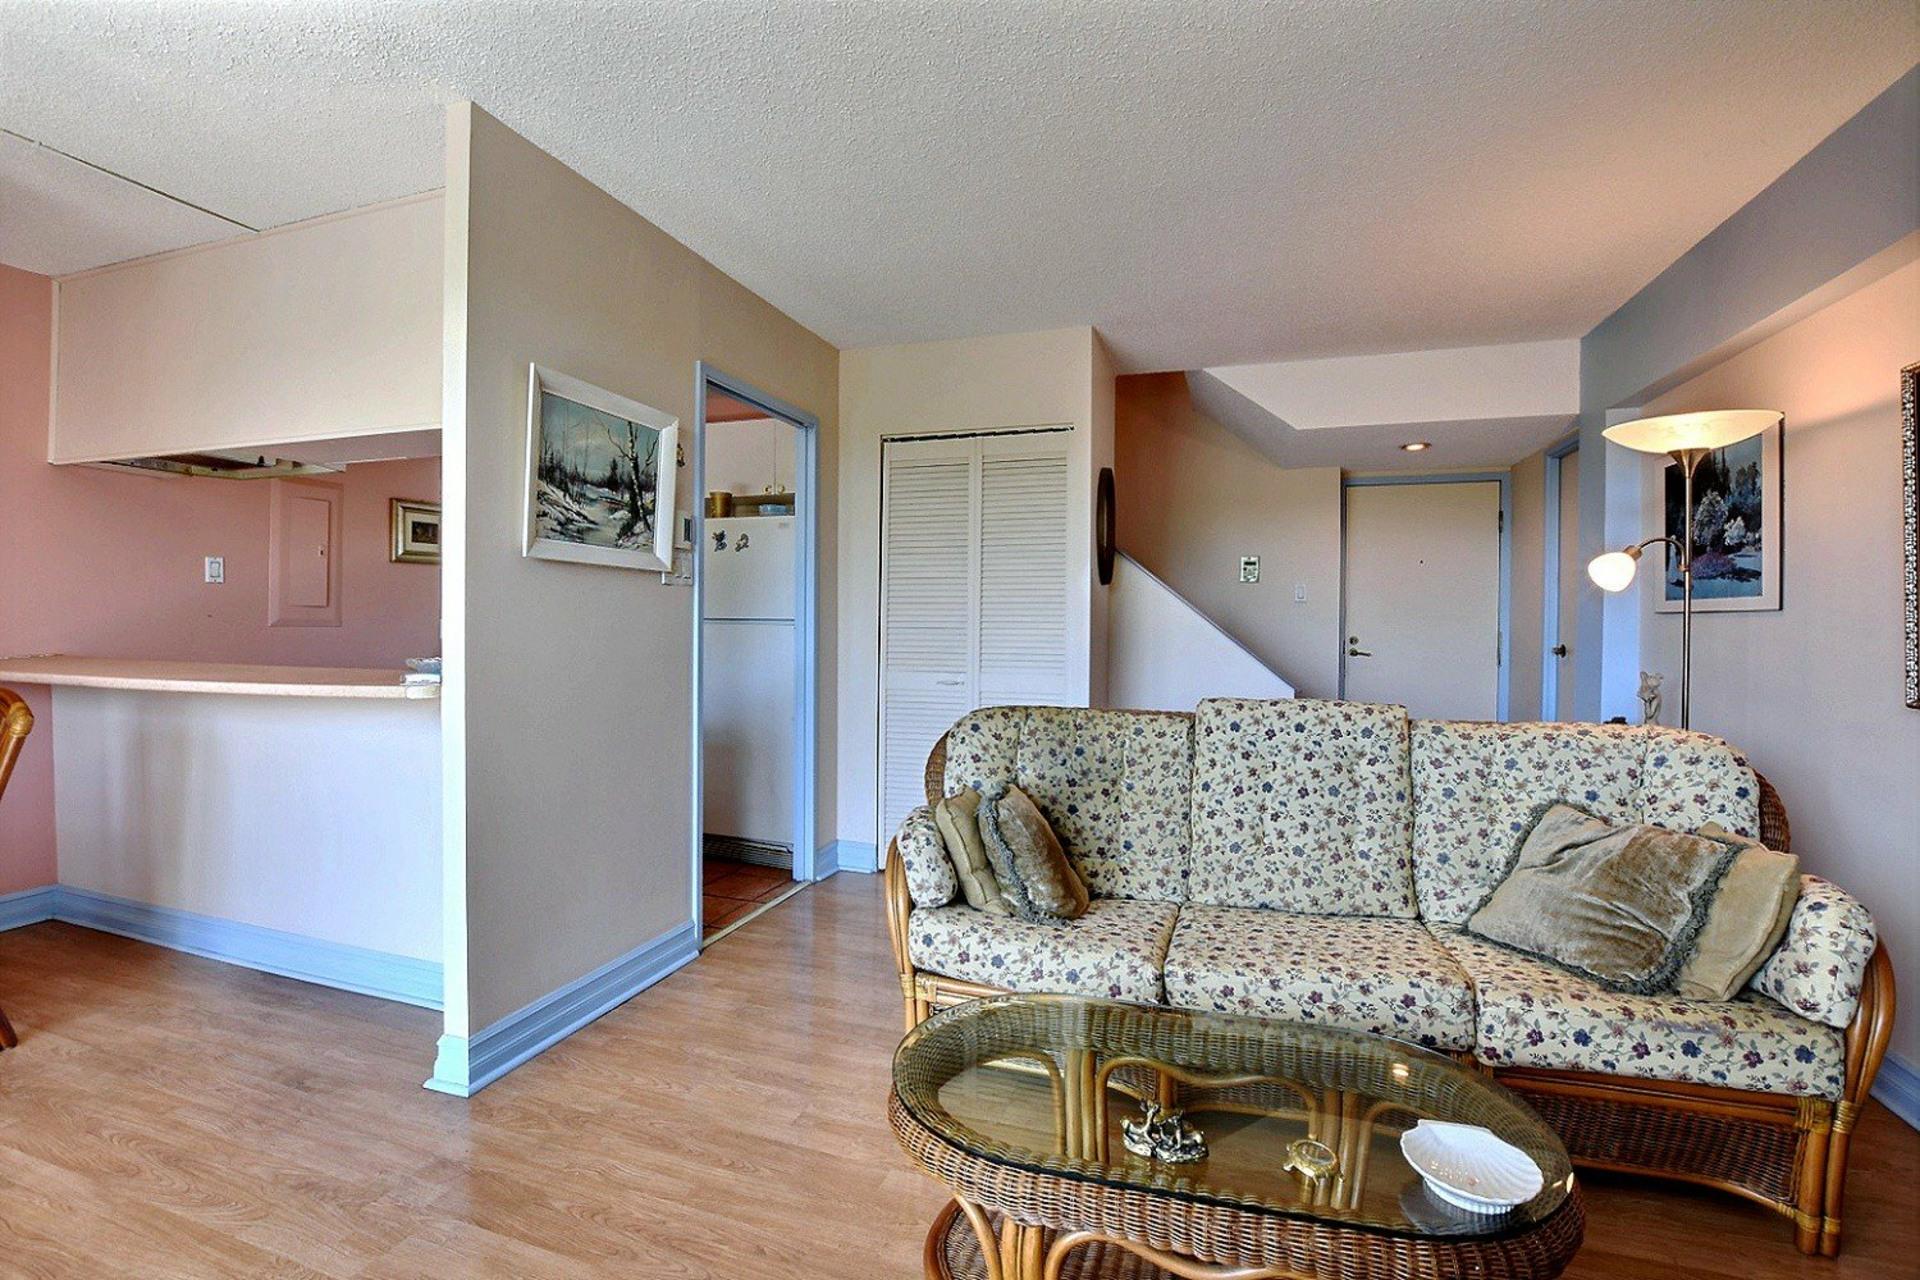 image 6 - Appartement À vendre Verdun/Île-des-Soeurs Montréal  - 4 pièces